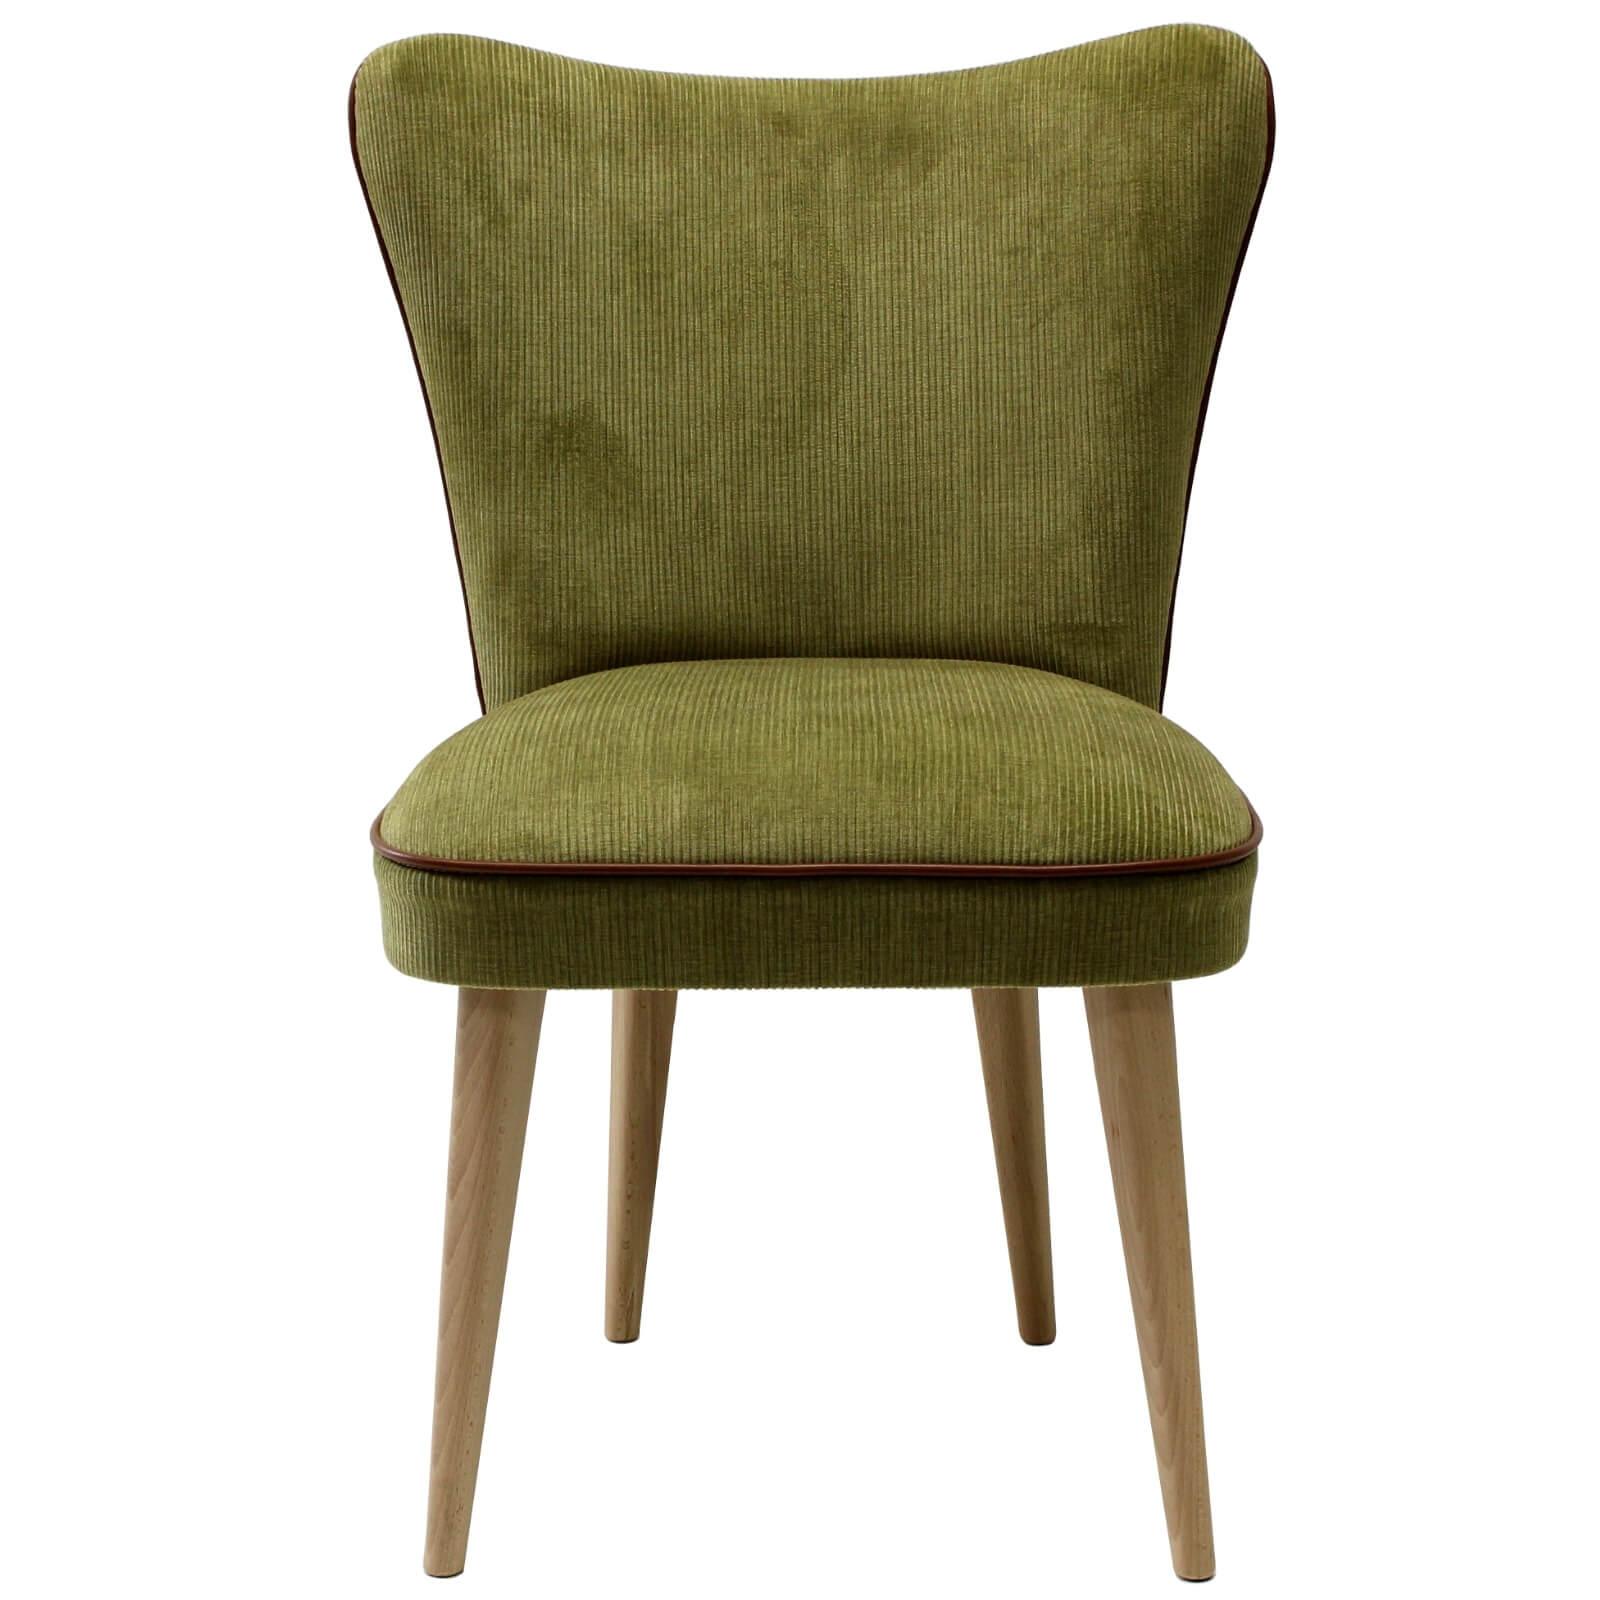 Poltroncina in Velluto a coste verde stile Vintage con gamba in legno  faggio effetto rovere noce – ANTEA